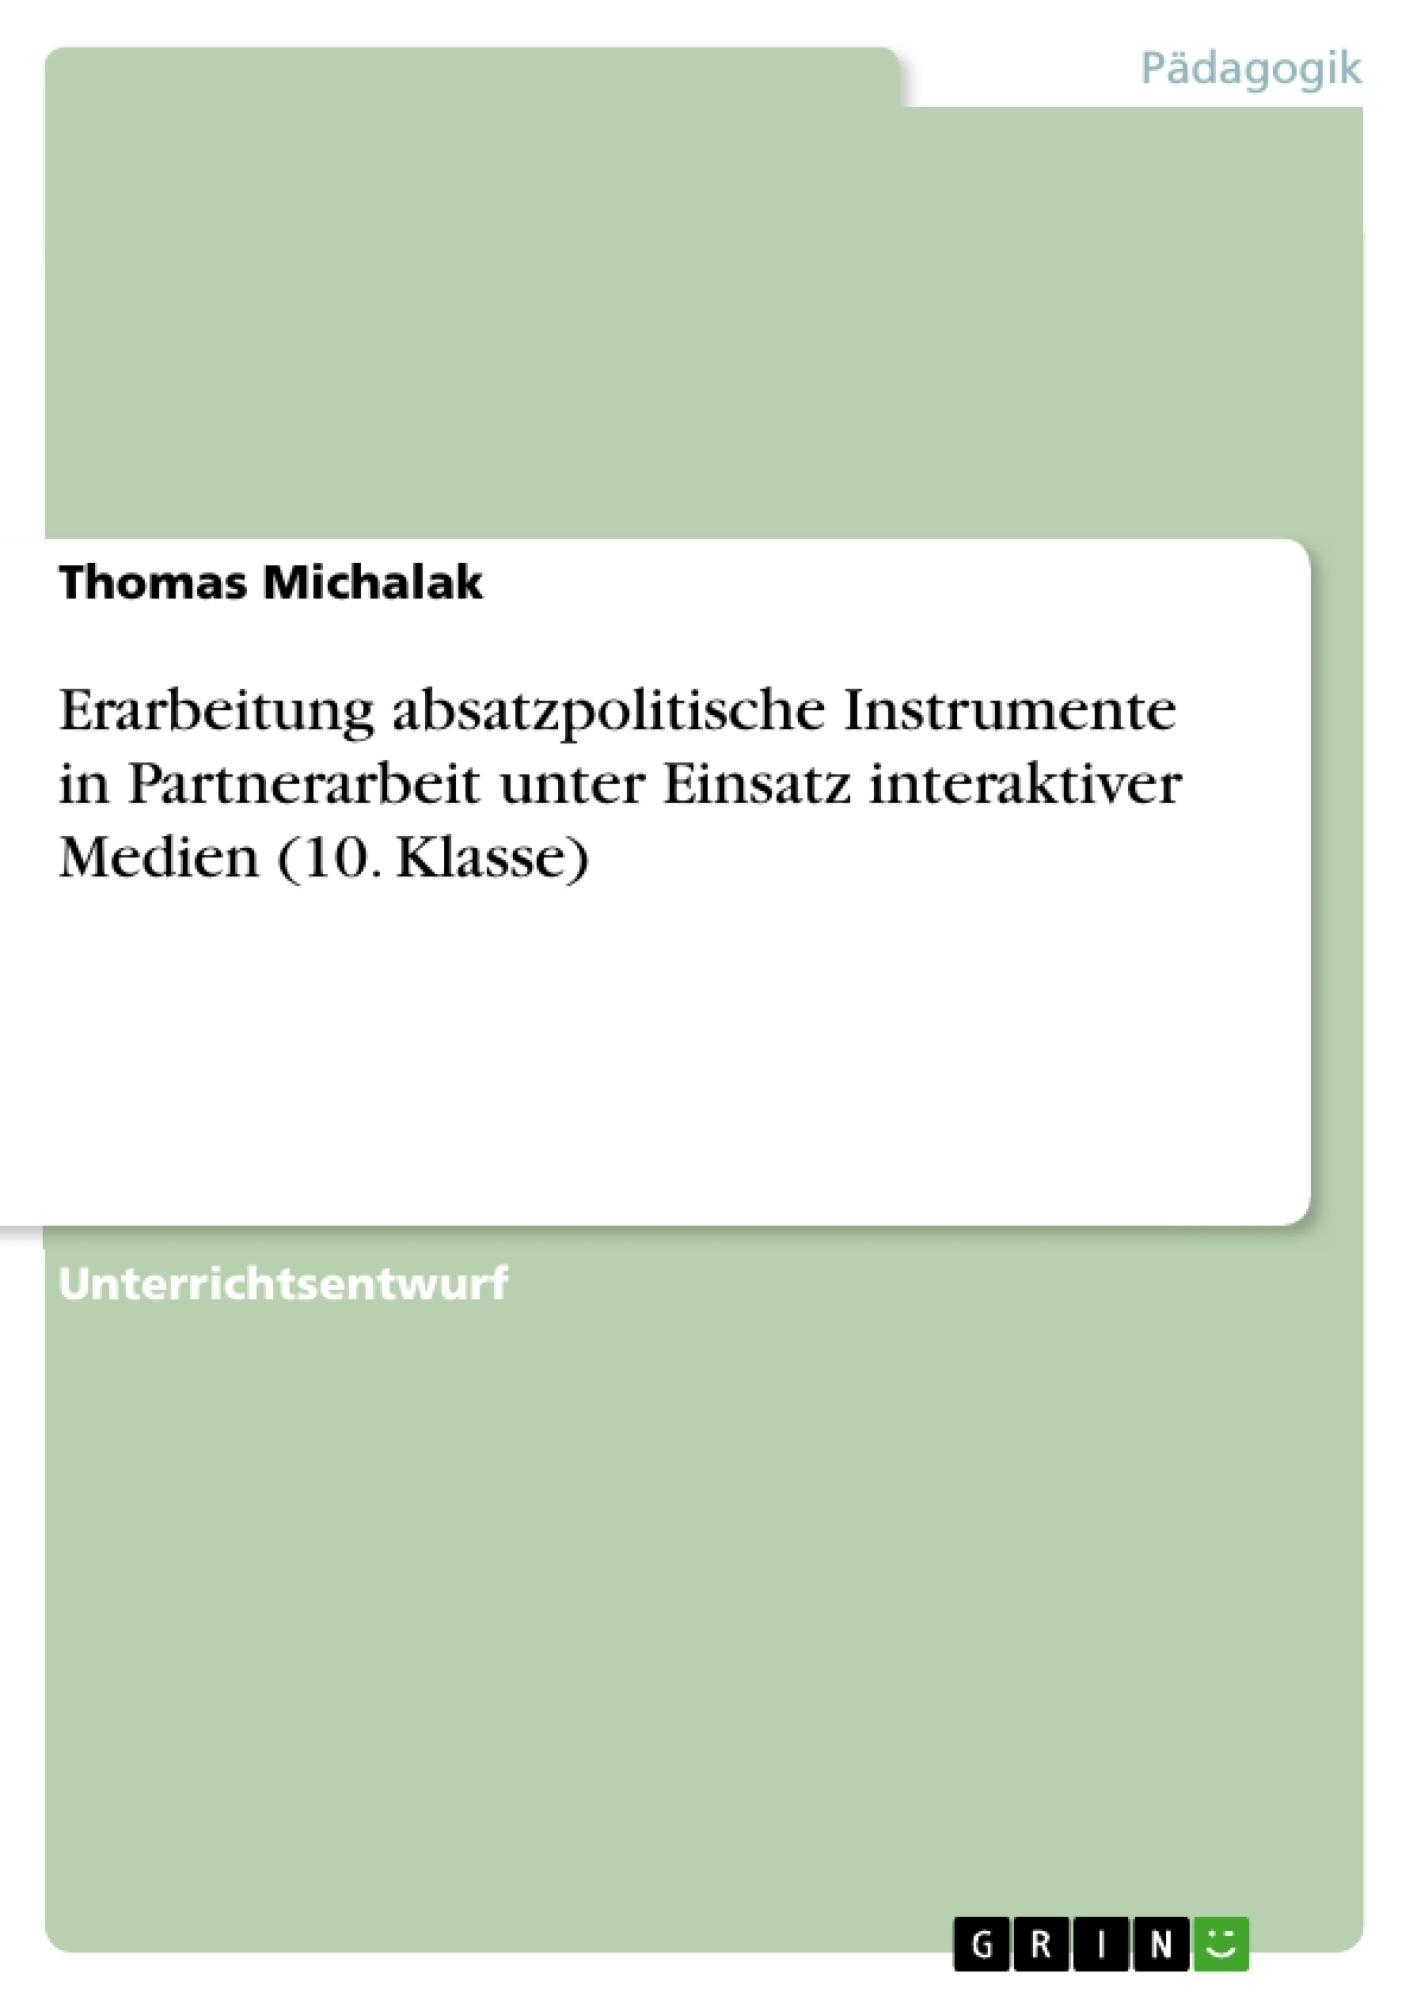 Titel: Erarbeitung absatzpolitische Instrumente in Partnerarbeit unter Einsatz interaktiver Medien (10. Klasse)